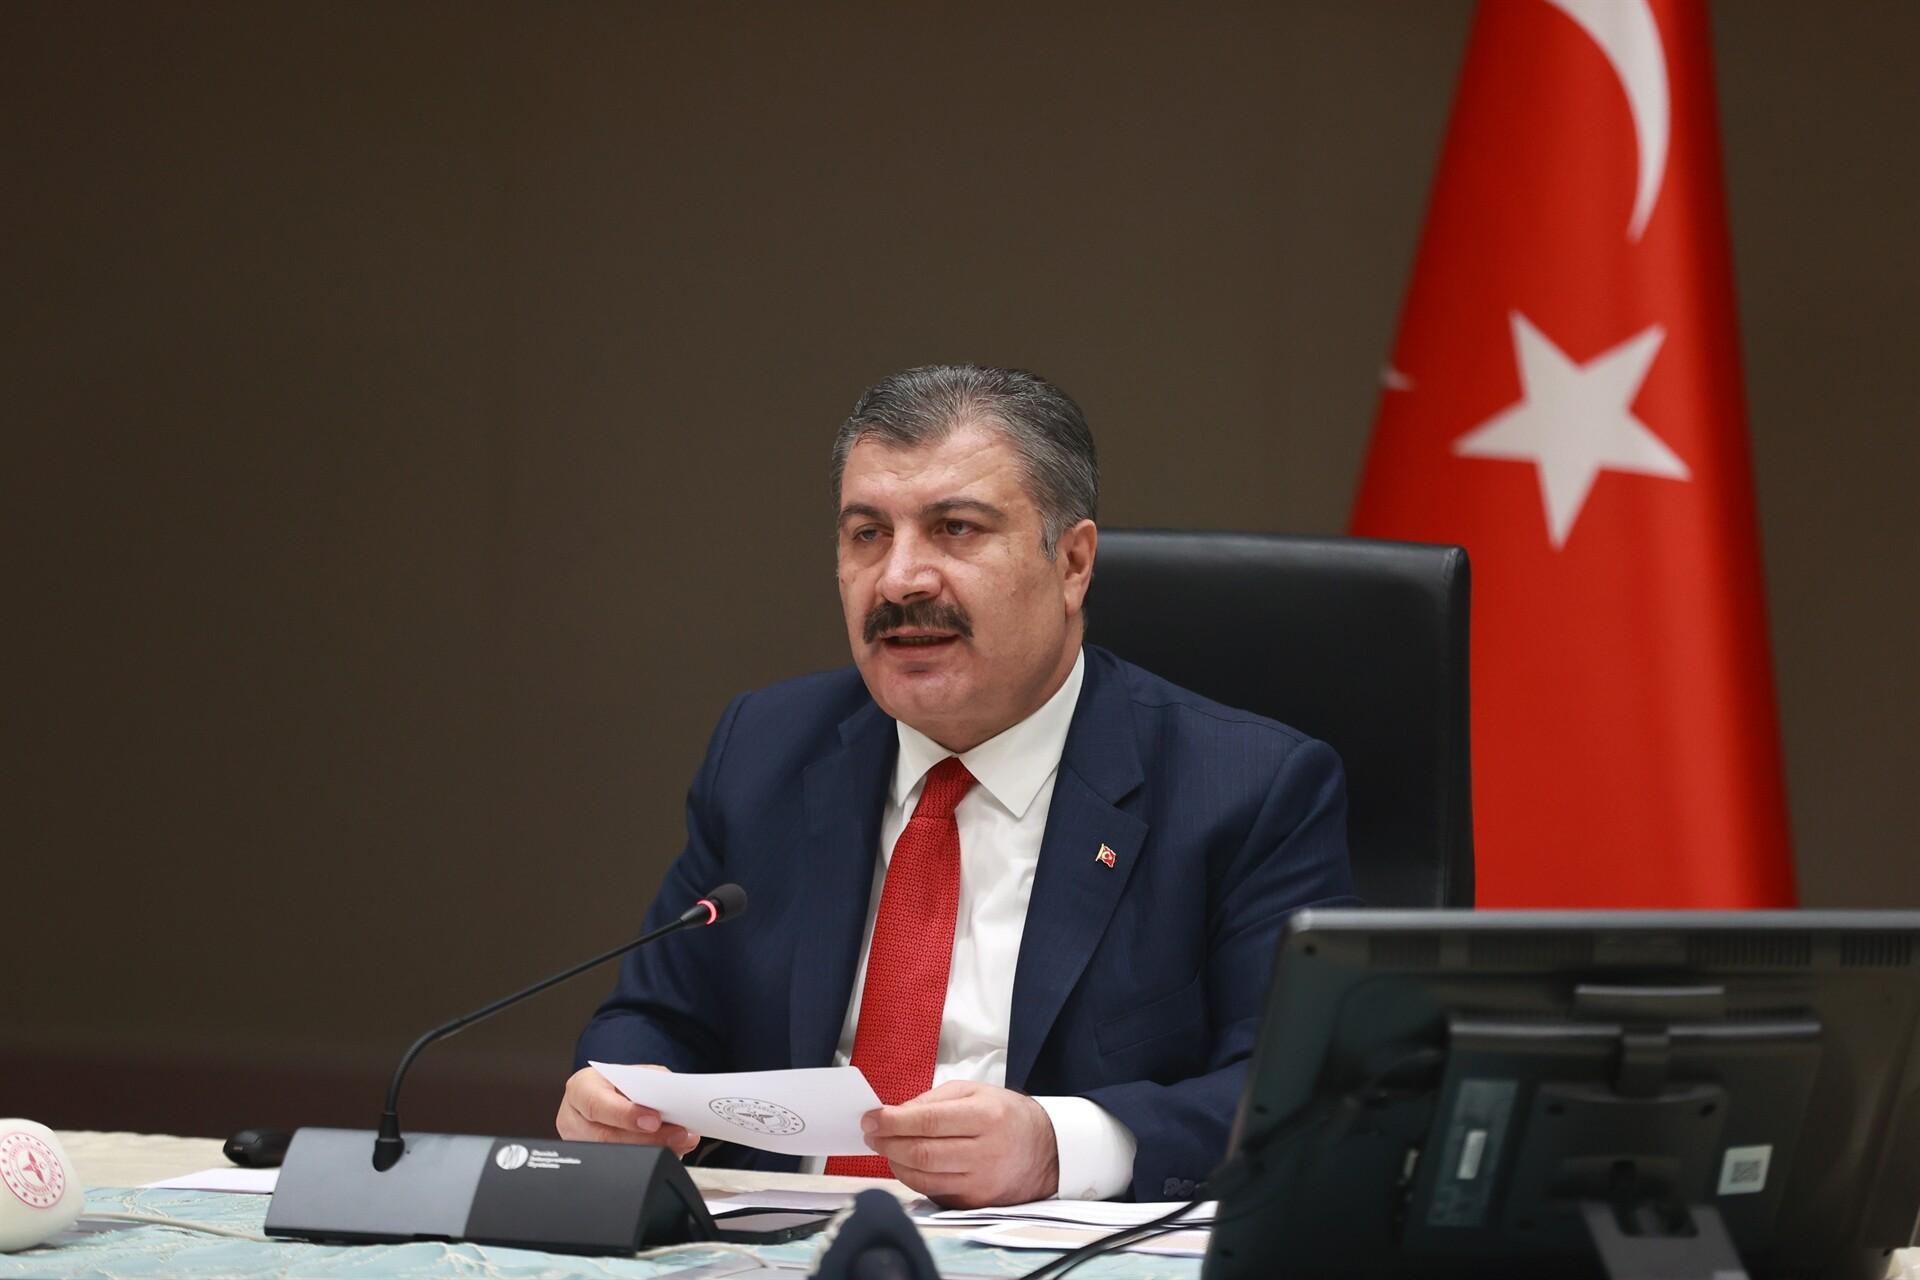 Son dakika haberi: Ramazanda kapanma olacak mı? Sağlık Bakanı Fahrettin Koca'dan önemli açıklamalar